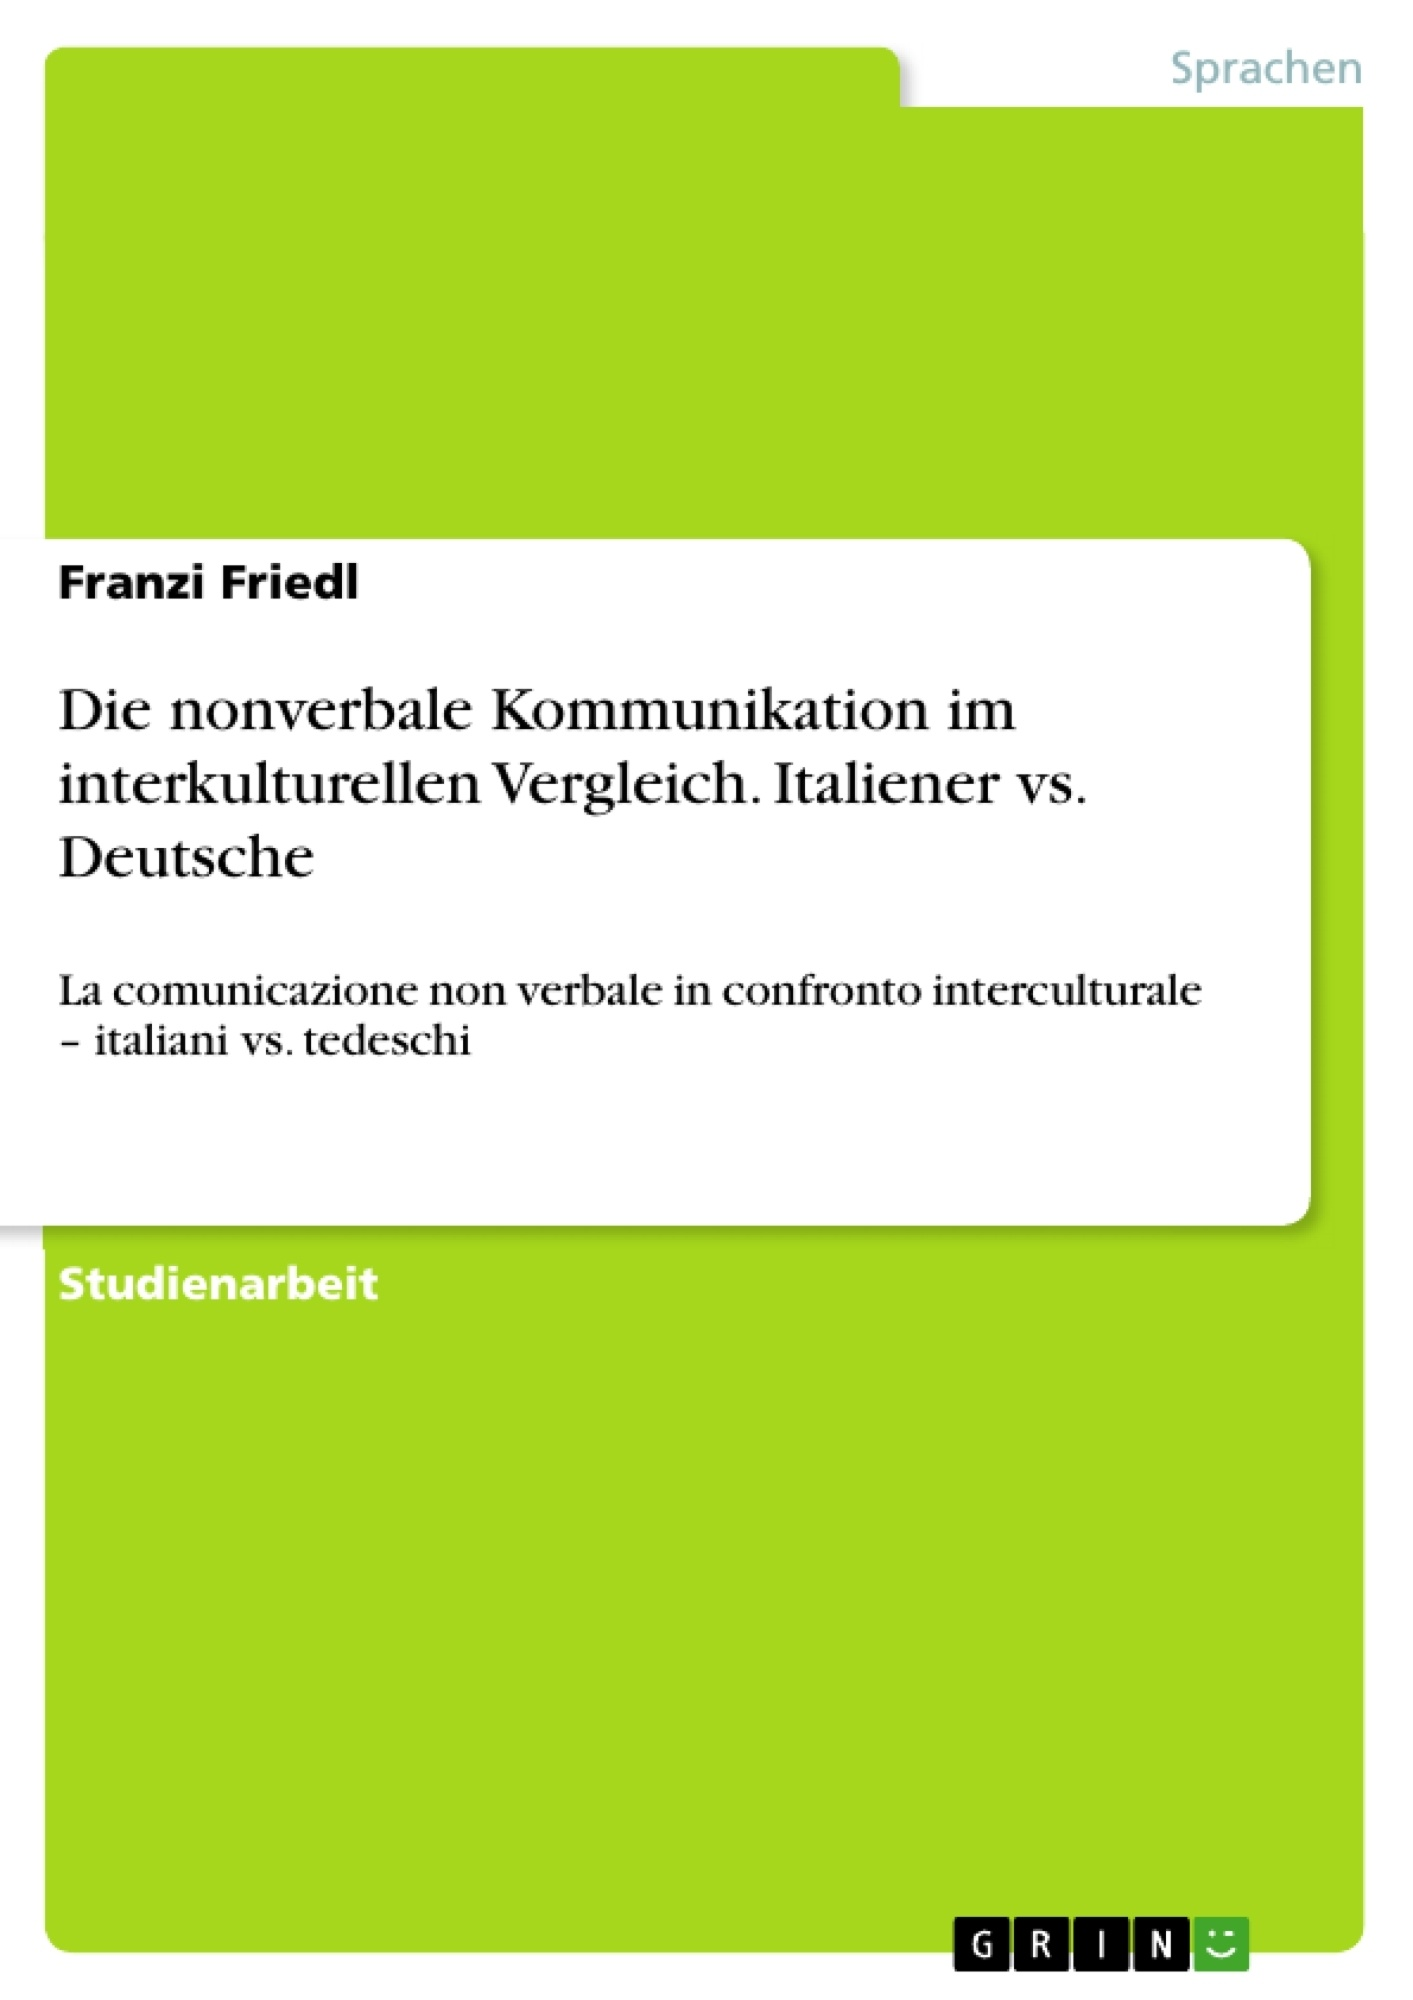 Titel: Die nonverbale Kommunikation im interkulturellen Vergleich. Italiener vs. Deutsche